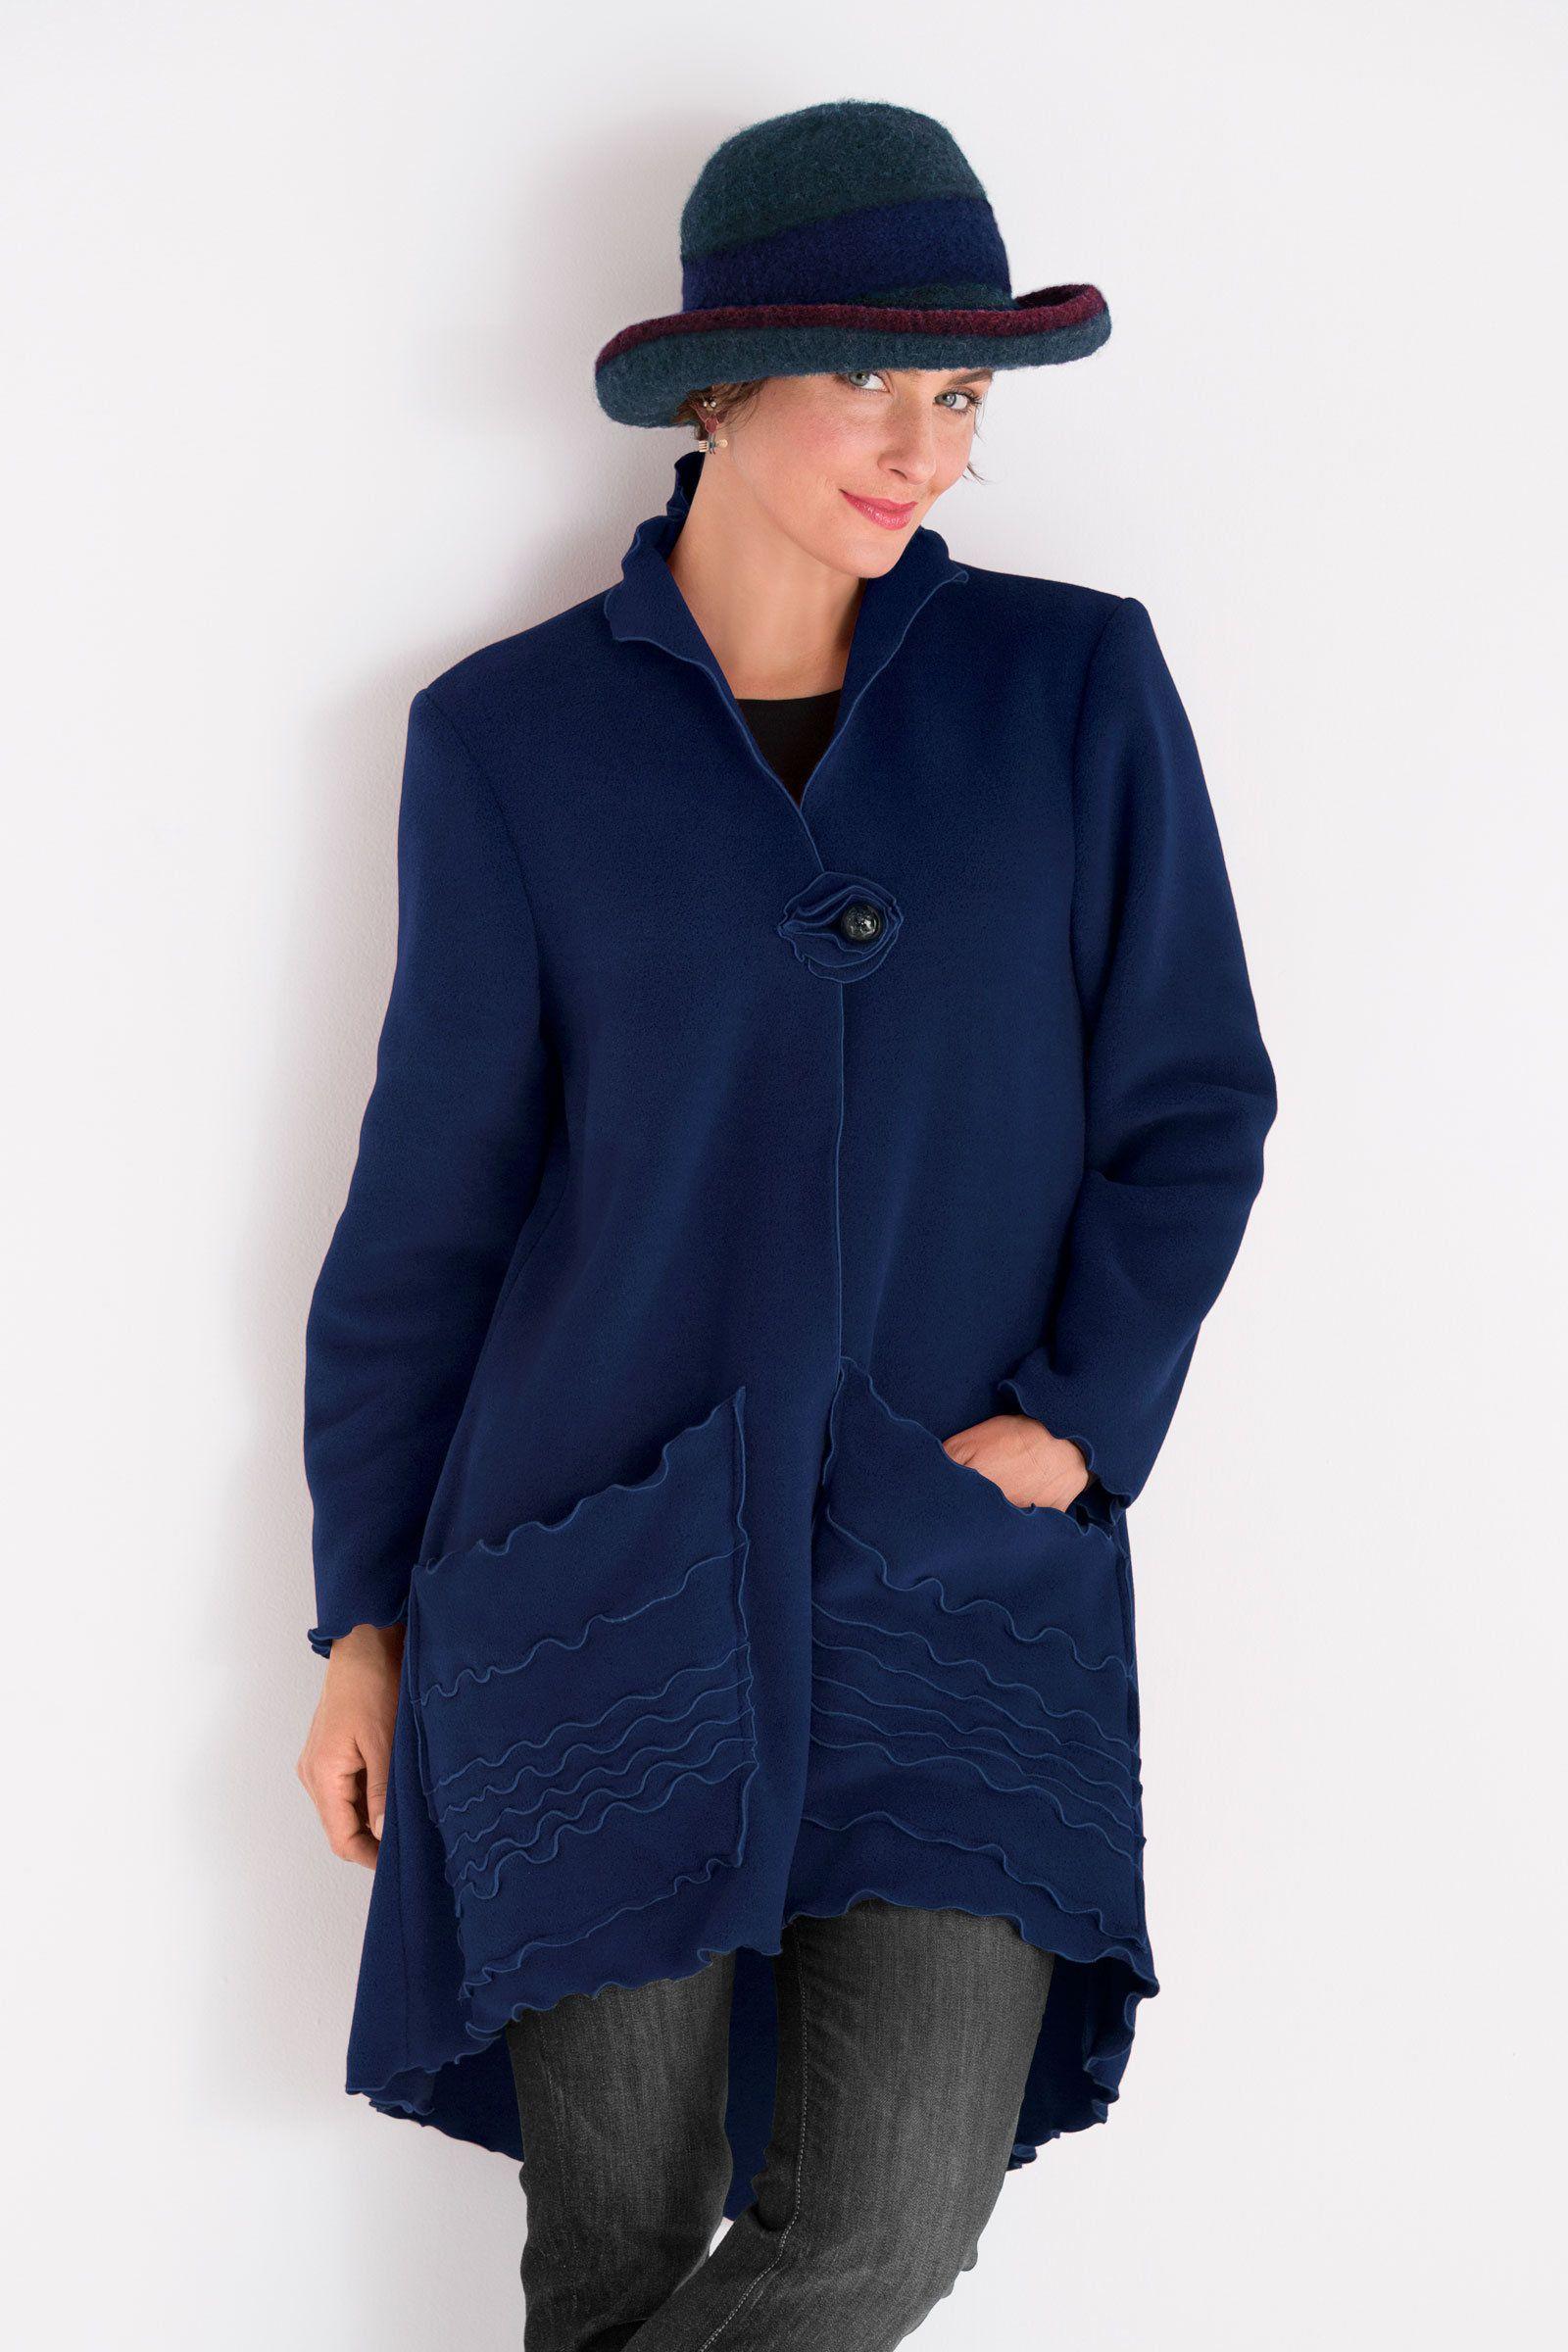 Whimsical fleece jacket by giselle shepatin fleece jacket aa